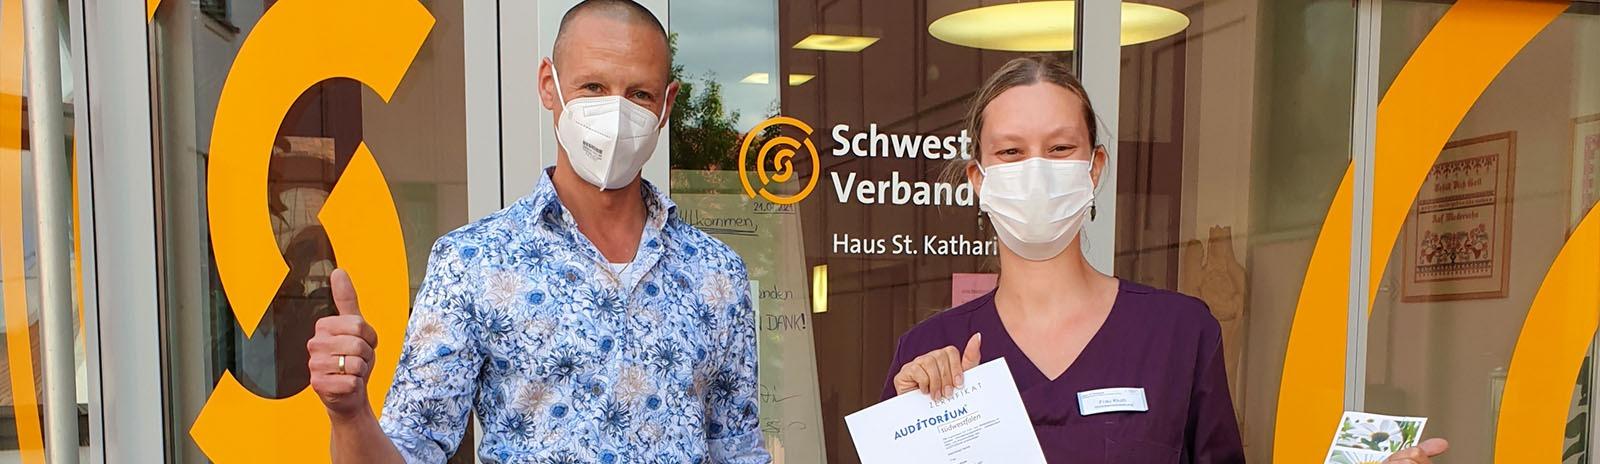 Haus St. Katharina_Weiterbildung_slider